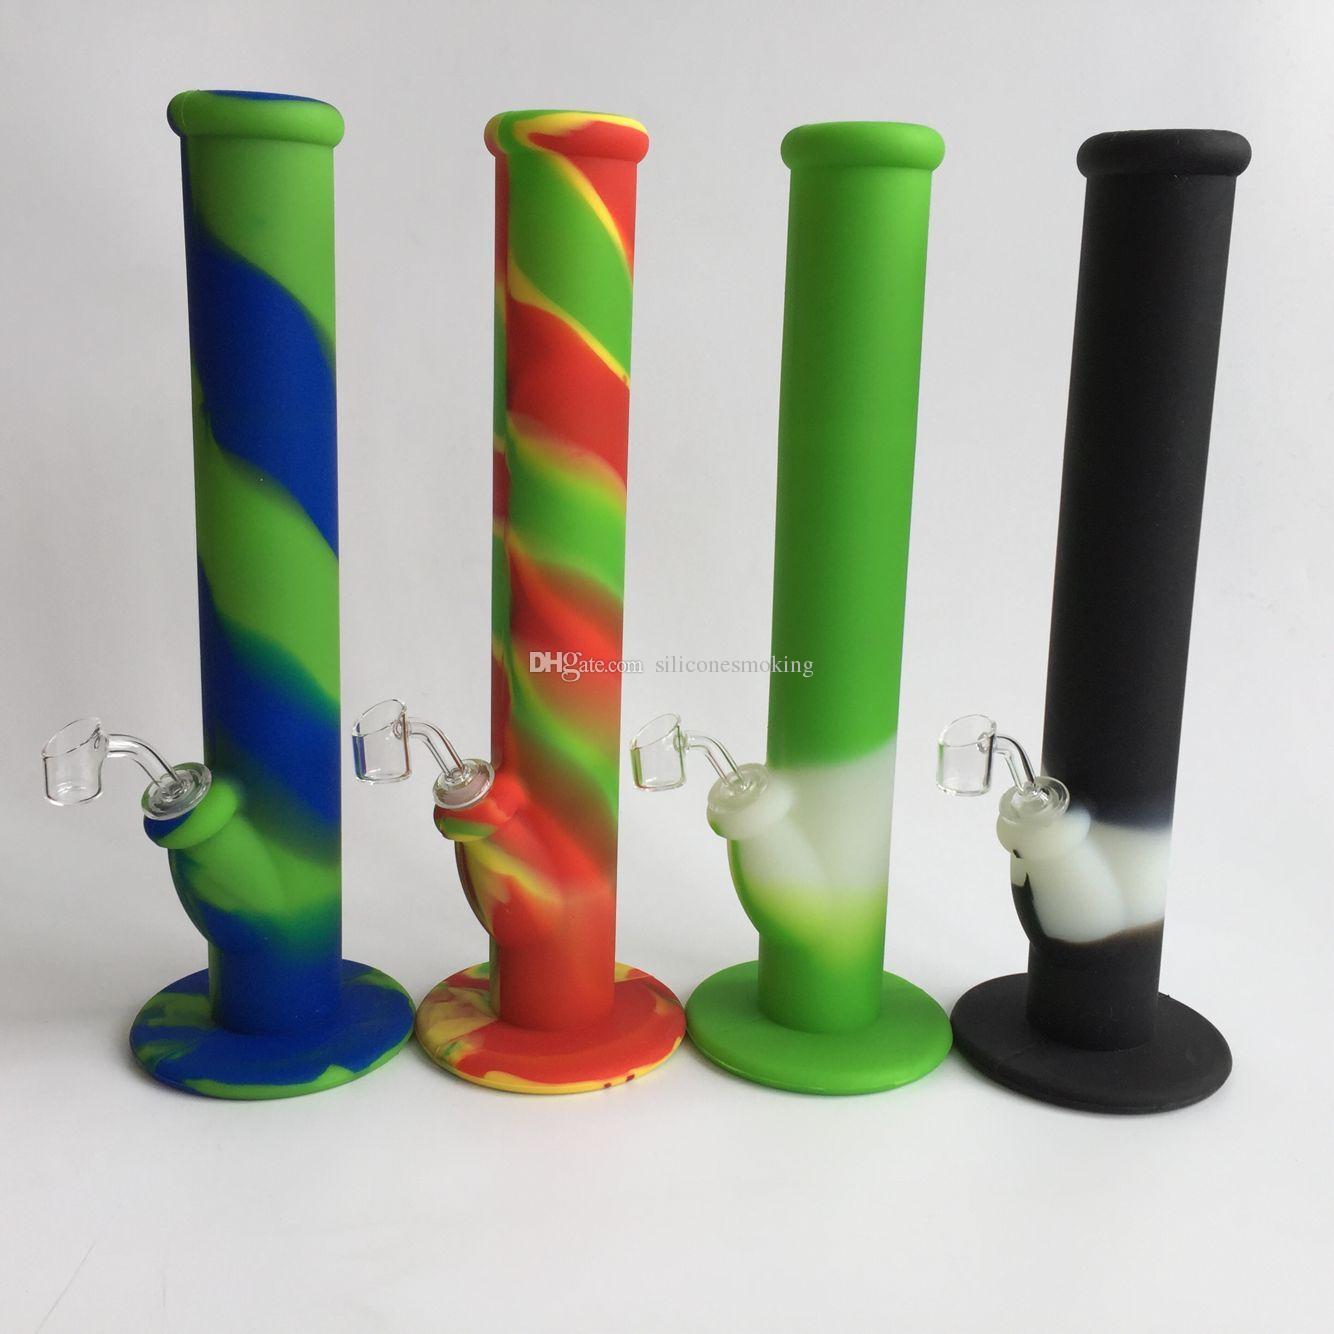 Colorido Bong de silicona 14.2 pulgadas 14.4 mm Conjunto de tubería de agua de silicona con 2 mm de 45 grados de cuarzo y cristal aguas abajo envío gratis